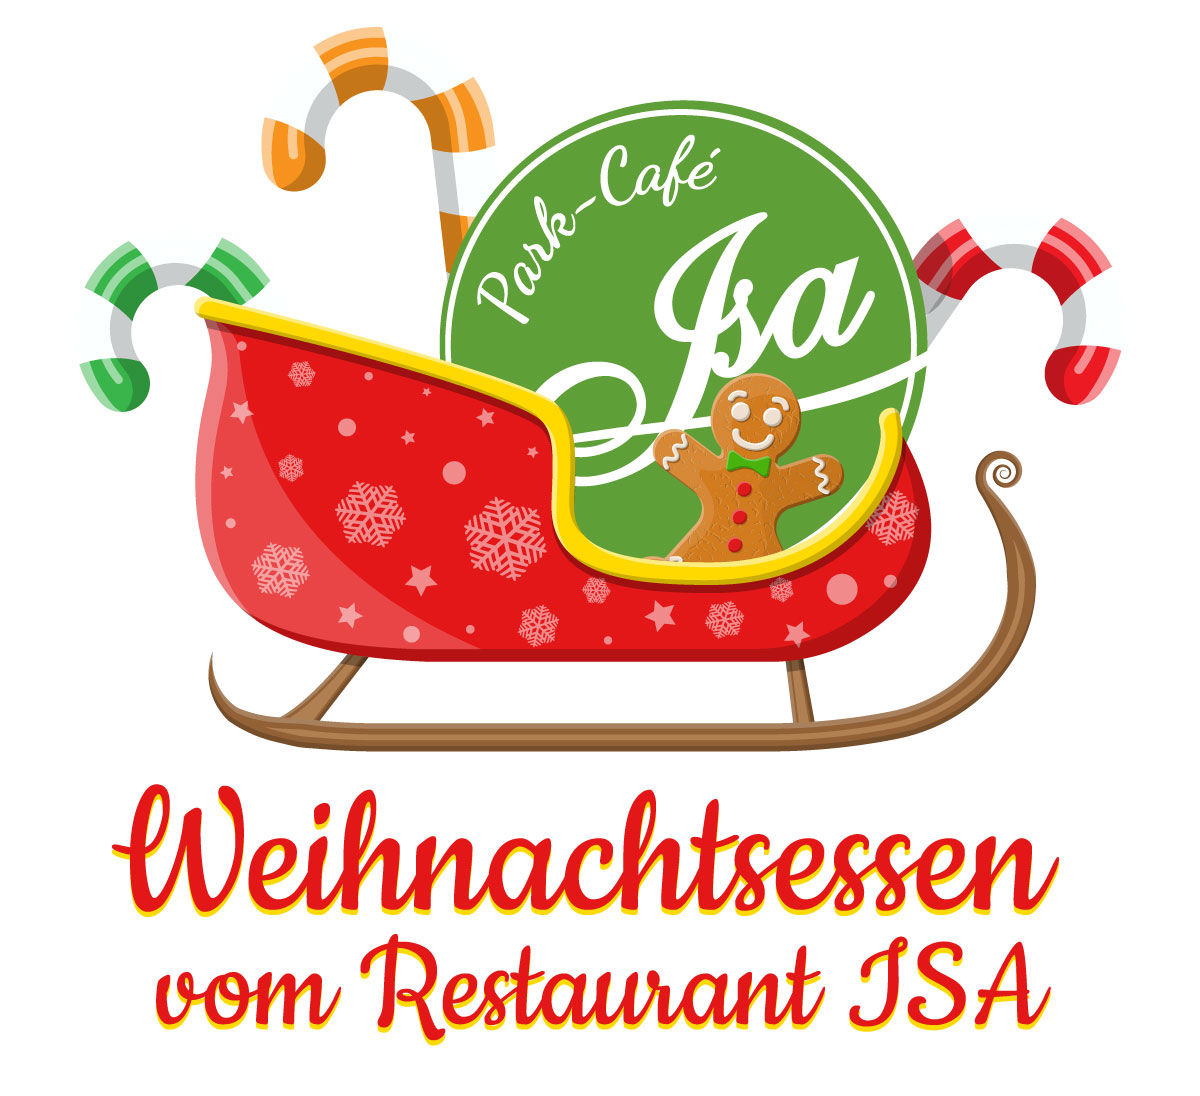 Weihnachtsessen vom Restaurant ISA